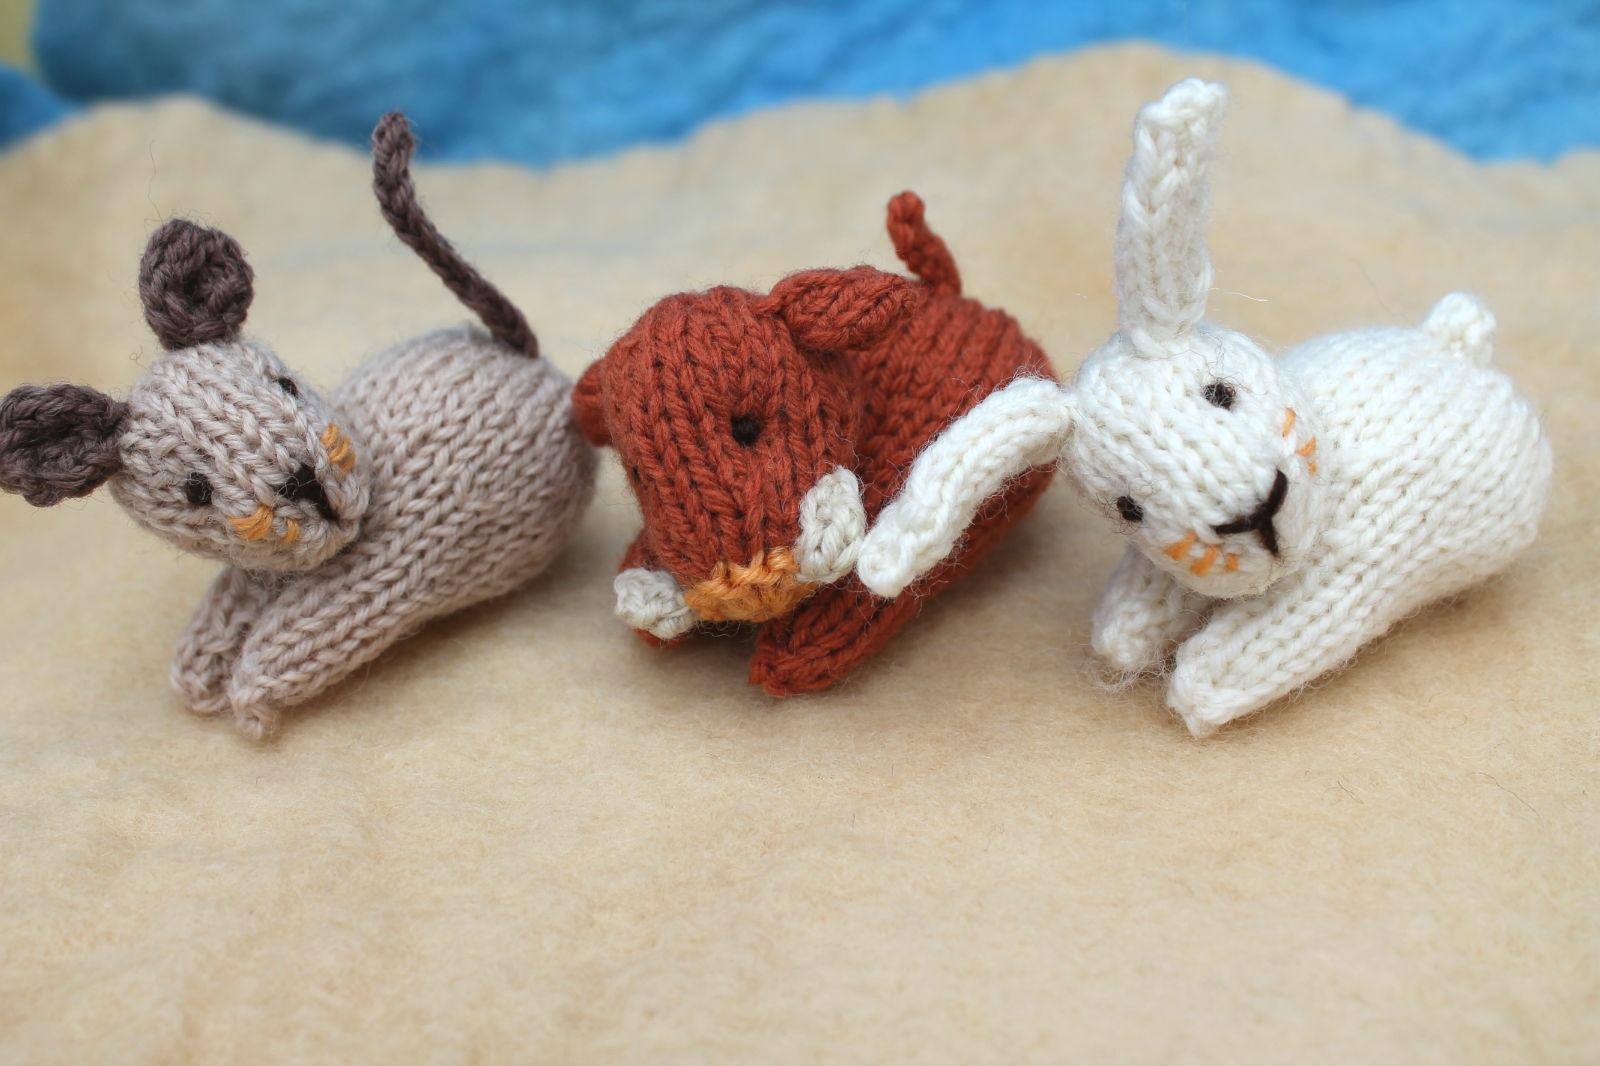 Knitting Chinese Zodiac animals – Knits by Sachi